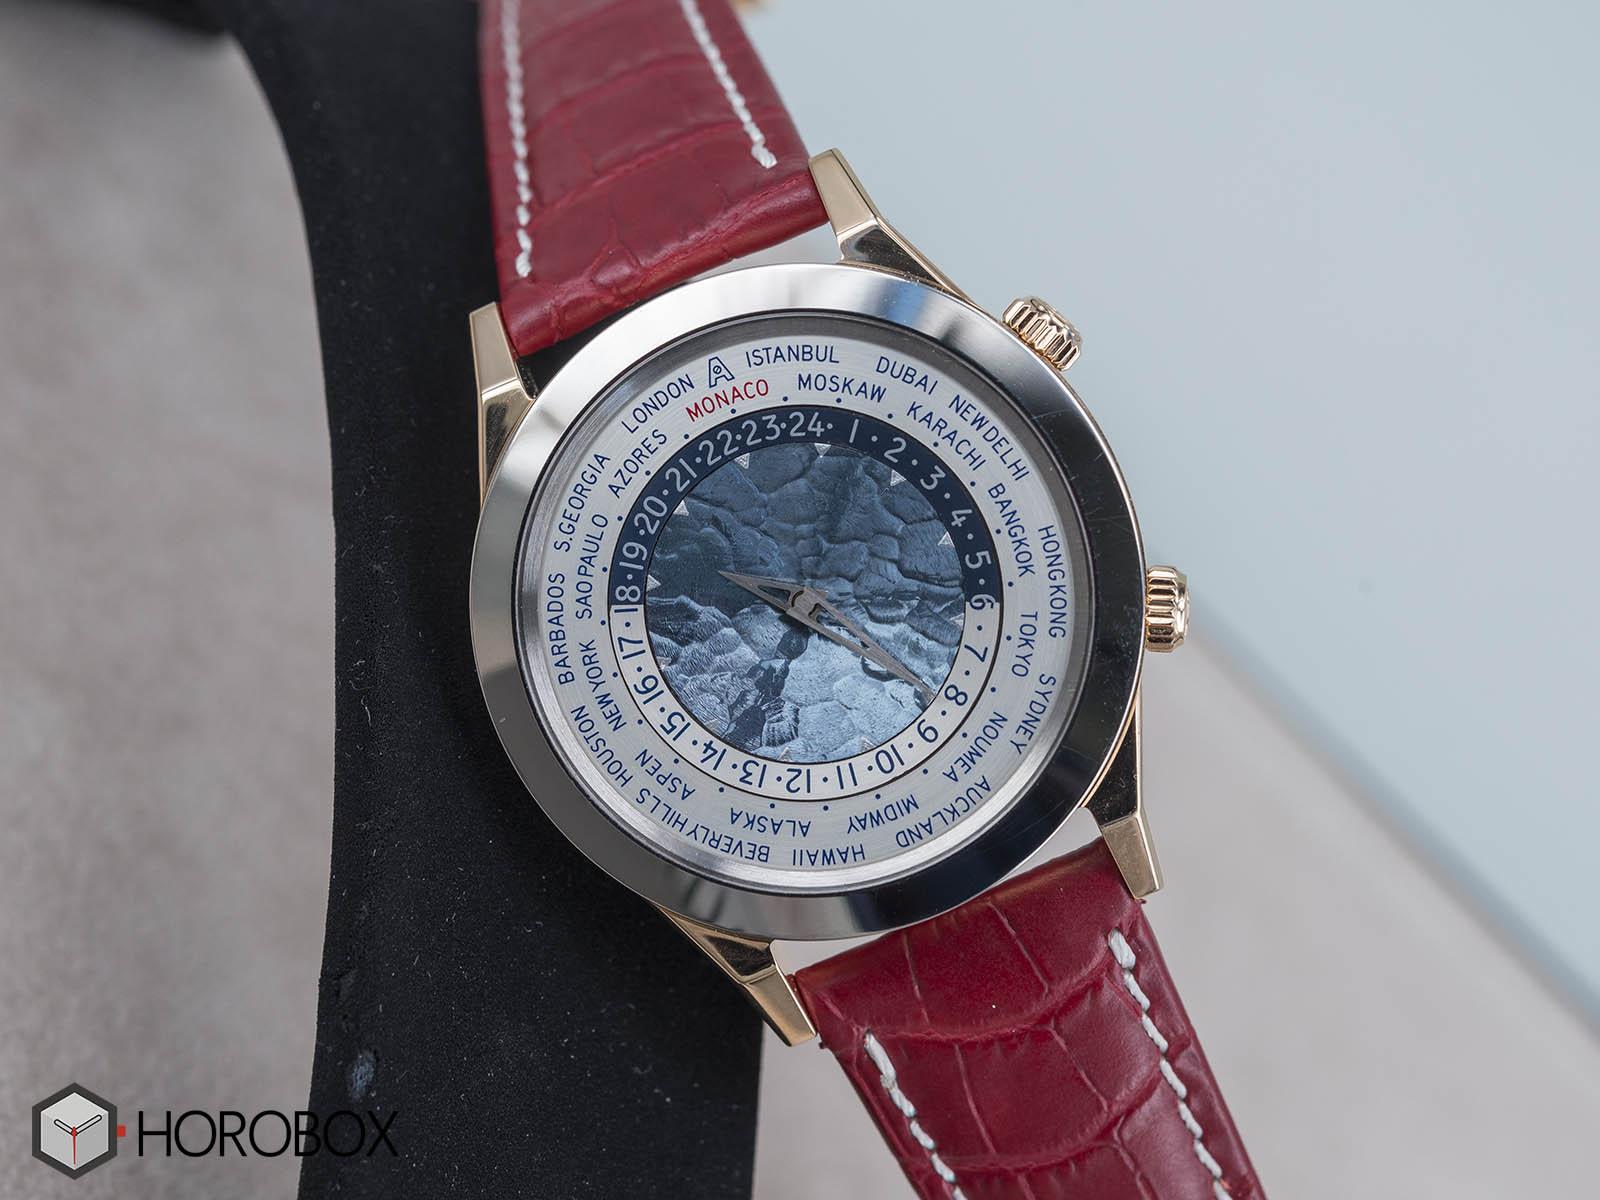 andersan-geneve-tempus-terrae-onlywatch.jpg